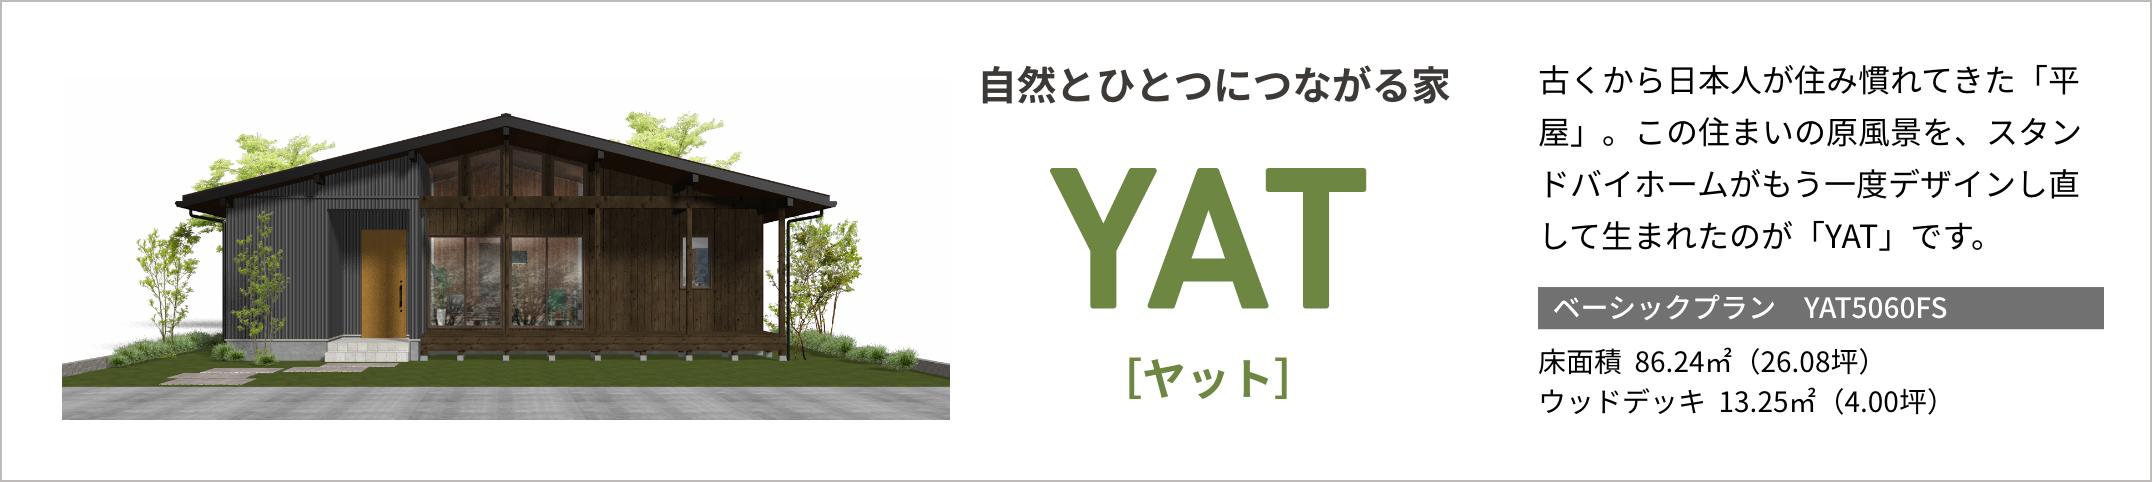 自然とひとつにつながる家 YAT-BASE